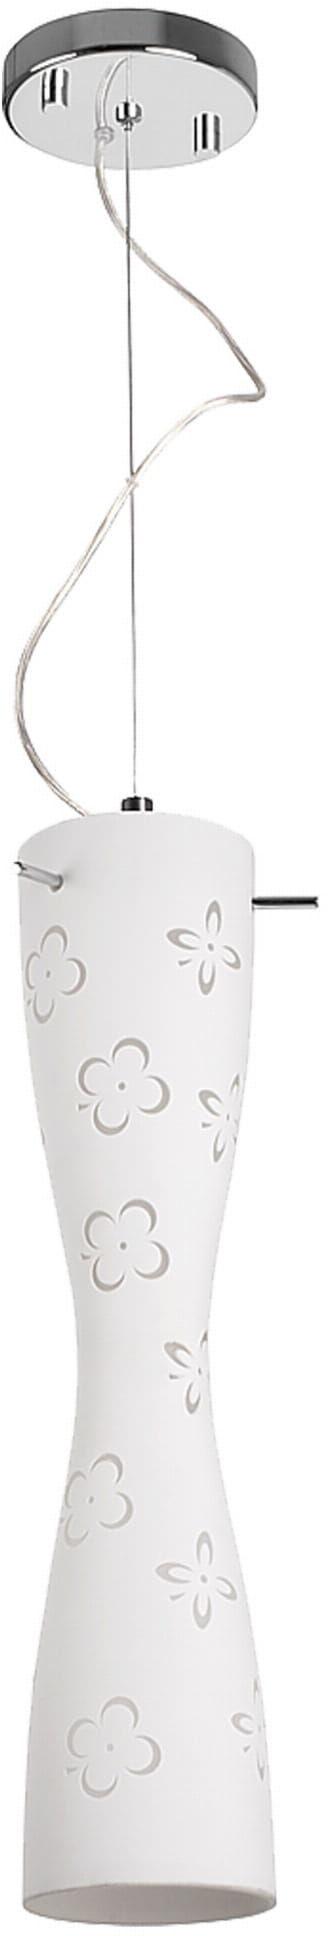 Light Prestige Flora P-611S-2CH-W lampa wisząca elegancka biała klosz z dwóch warstw rzeźba szklana 2x60W E27 13cm